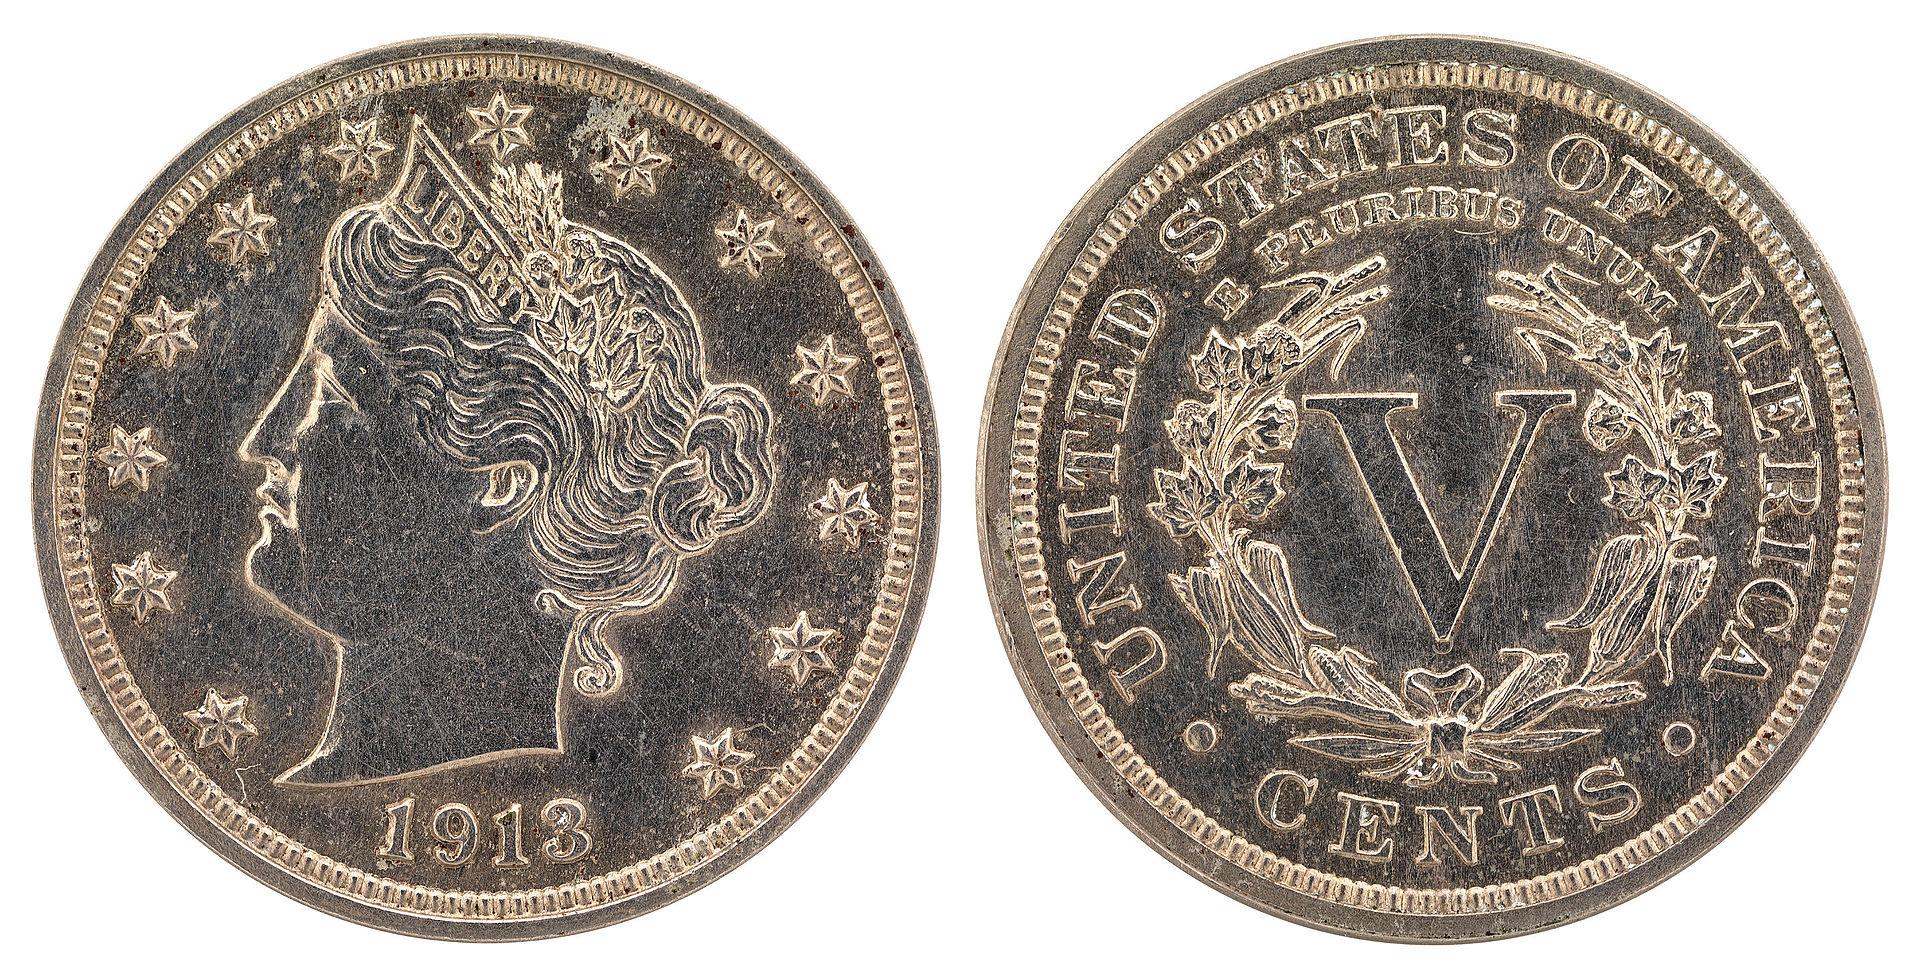 1913 Liberty Head Nickel Wikipedia